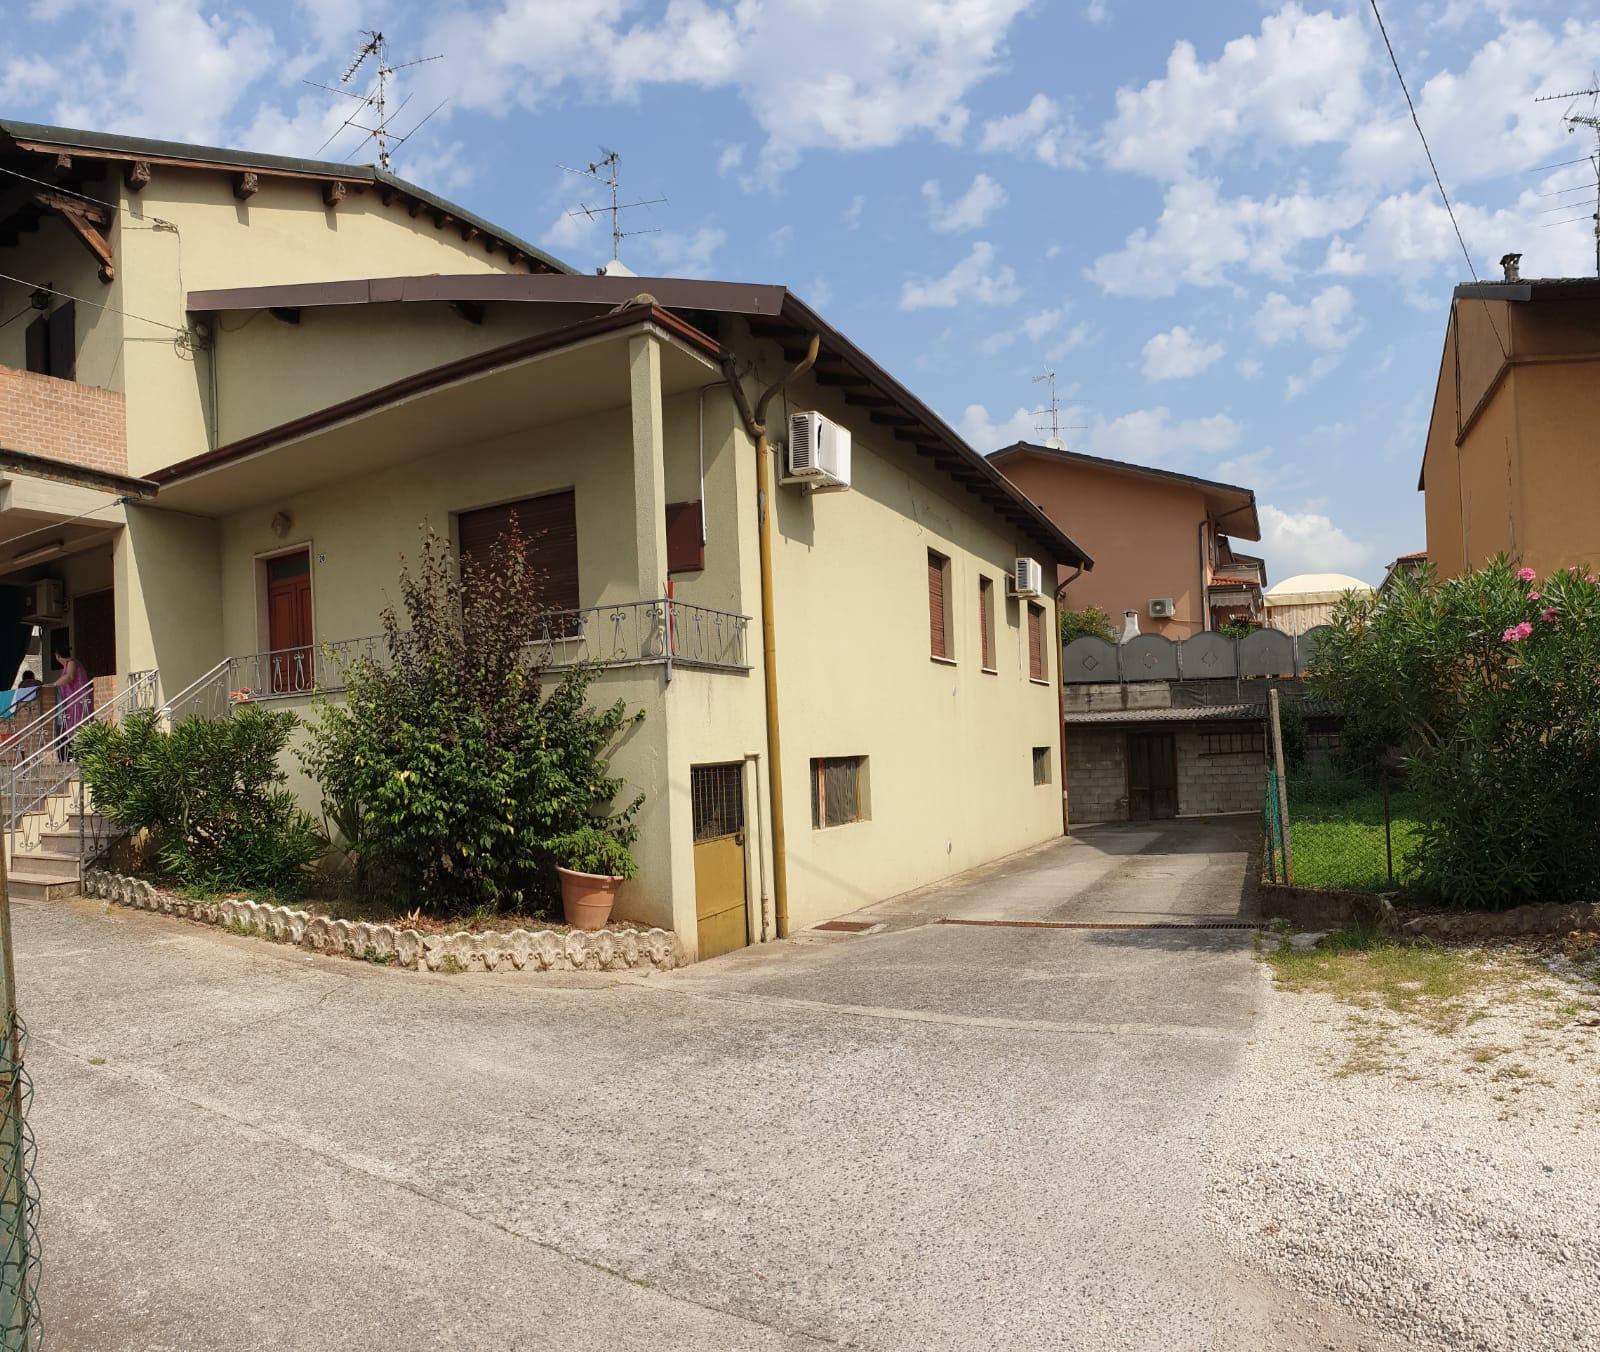 Villa Bifamiliare in vendita a Ospitaletto, 7 locali, prezzo € 128.000 | PortaleAgenzieImmobiliari.it